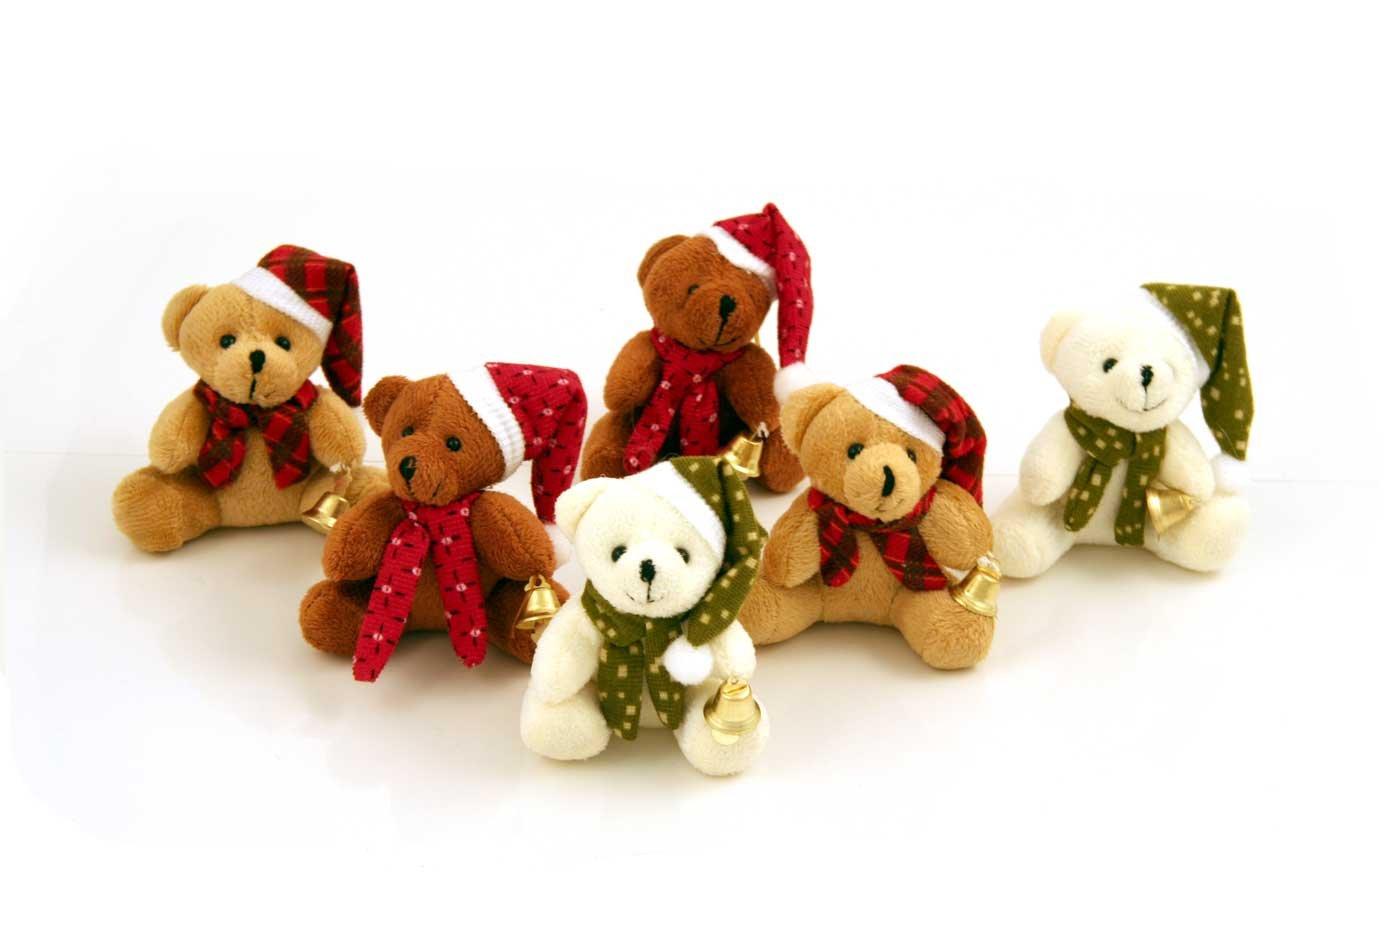 6 Teddy Bear Christmas Crackers: Amazon.co.uk: Kitchen & Home